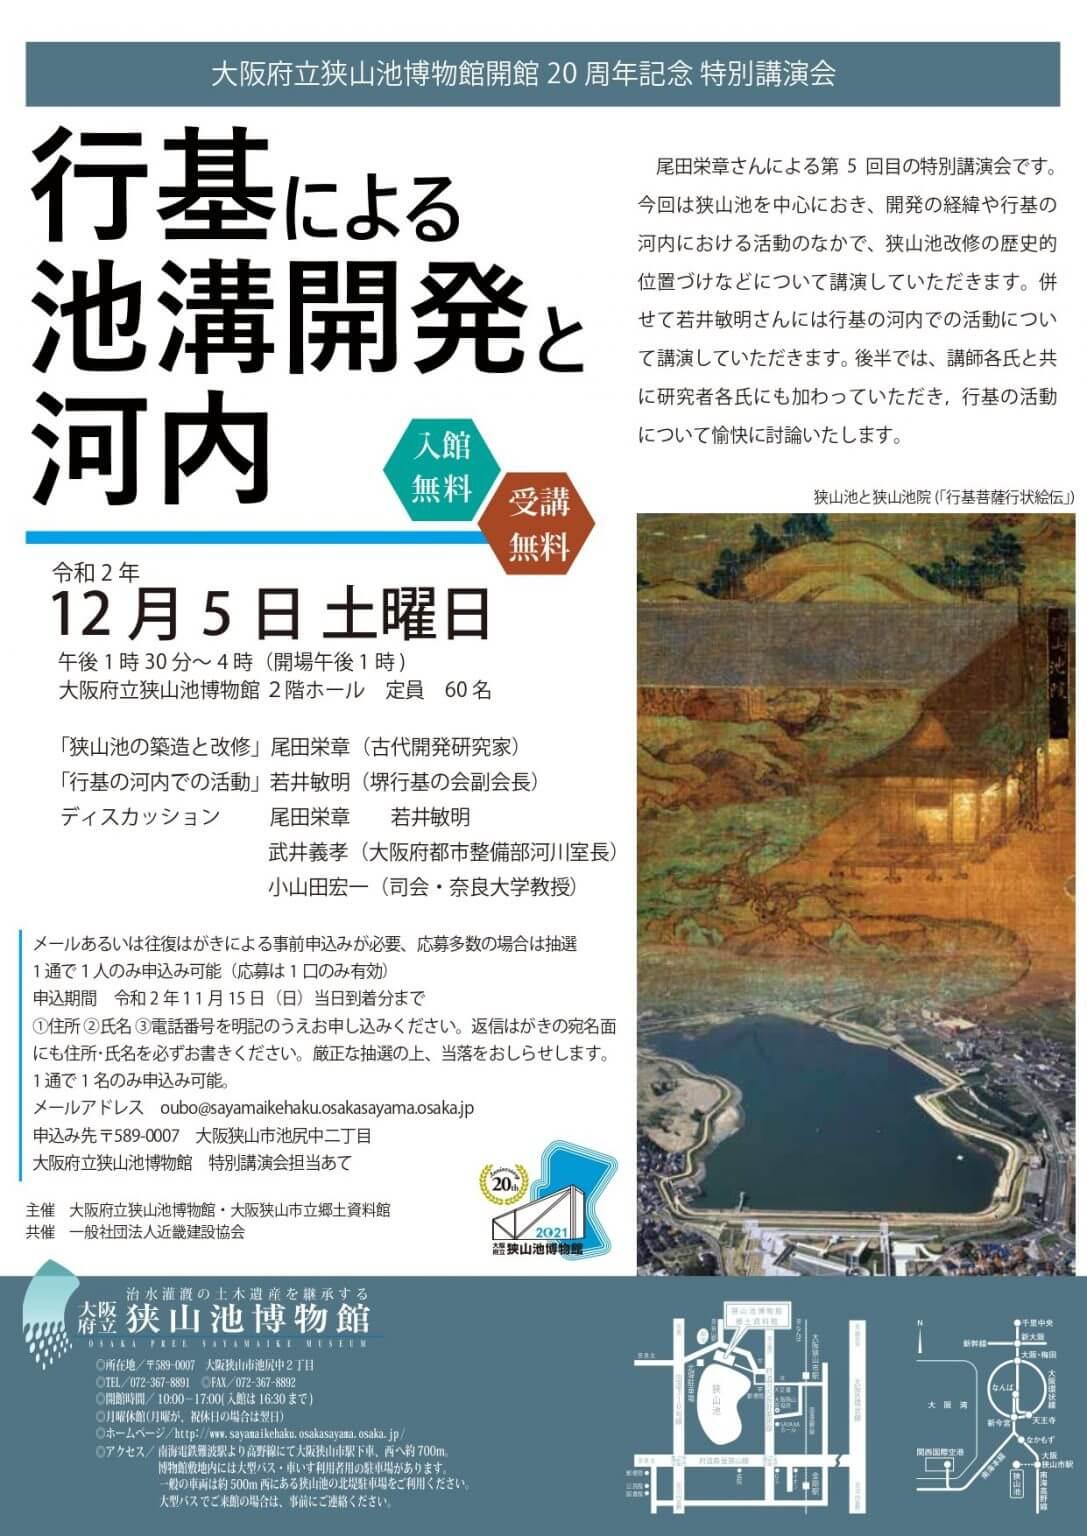 【12月15日】特別講演会「行基による池溝開発と河内」